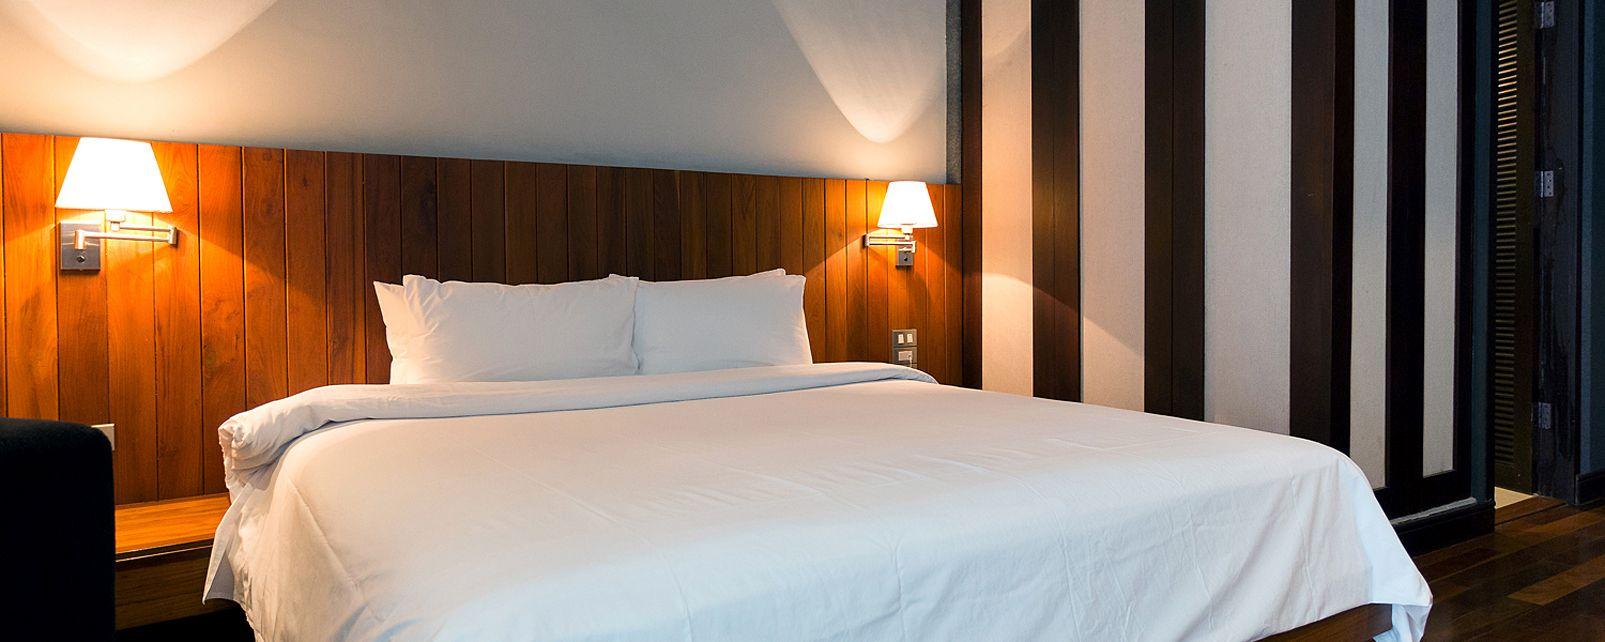 Hotel Luxx